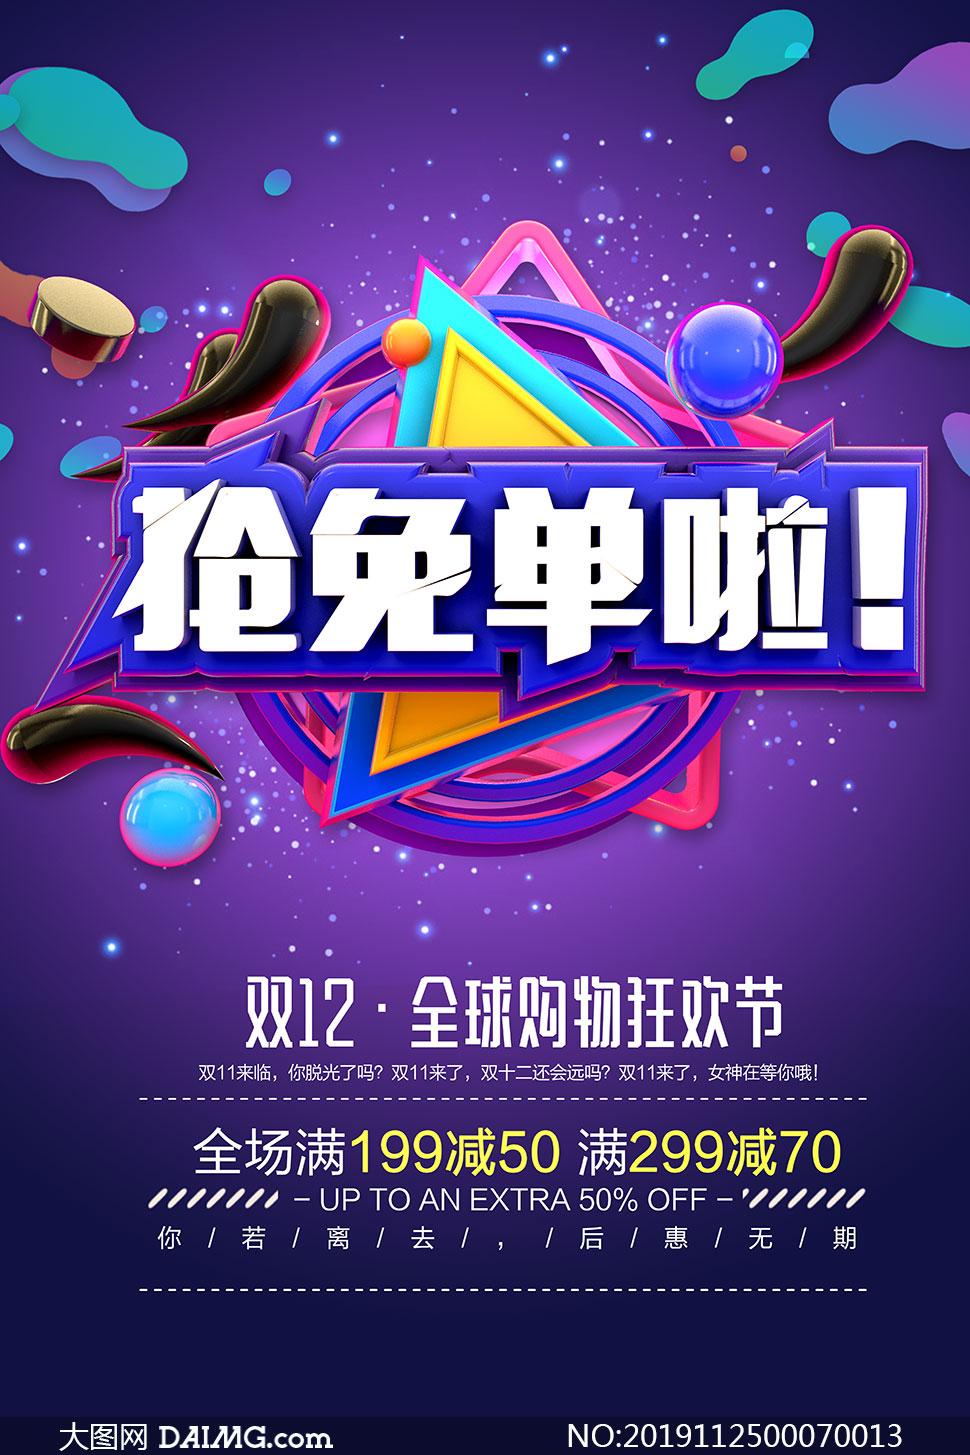 双12全球购物狂欢节活动海报PSD素材